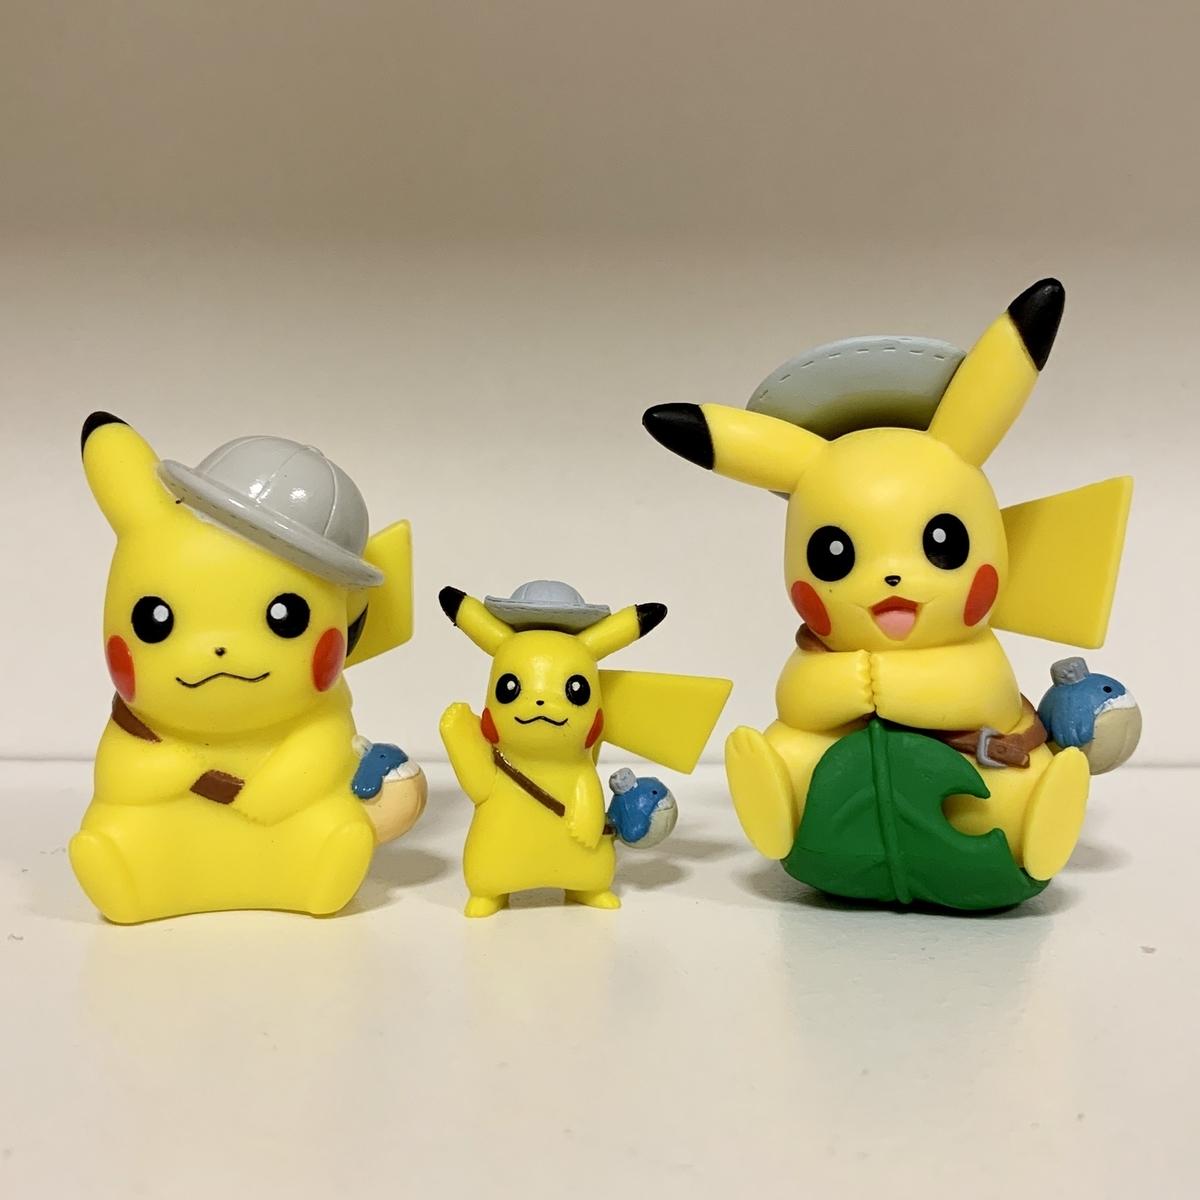 f:id:pikachu_pcn:20200715221622j:plain